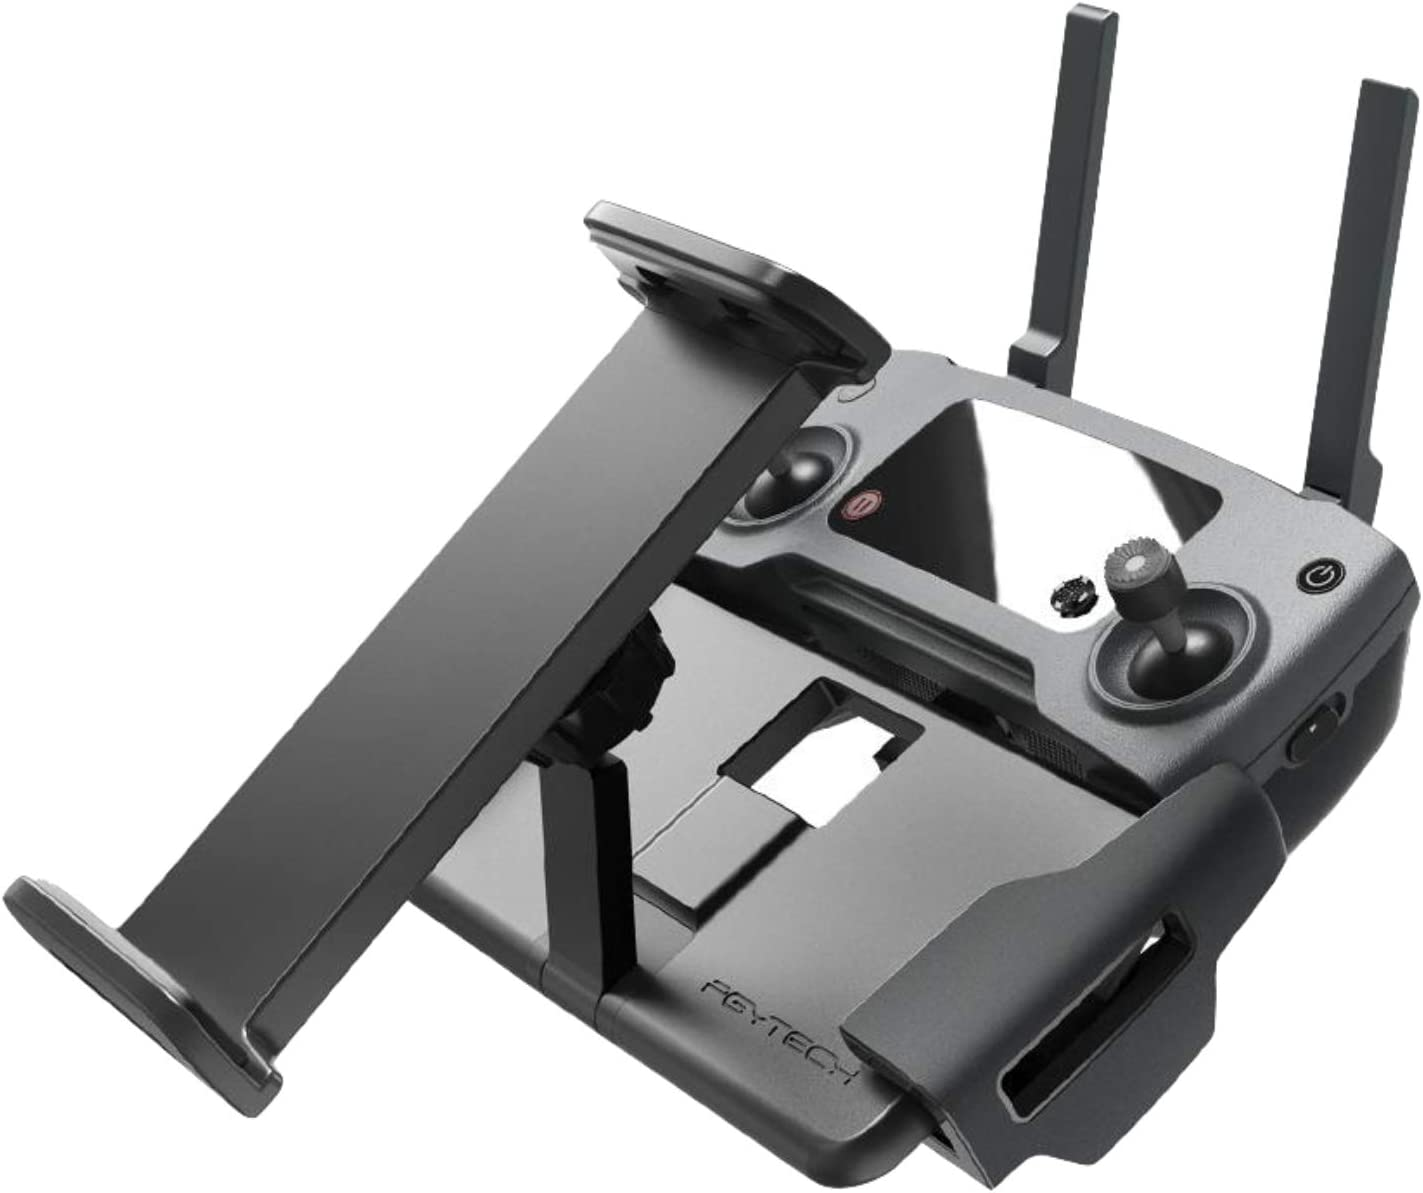 Control remoto para drone DJI Mavic con soporte para tablet